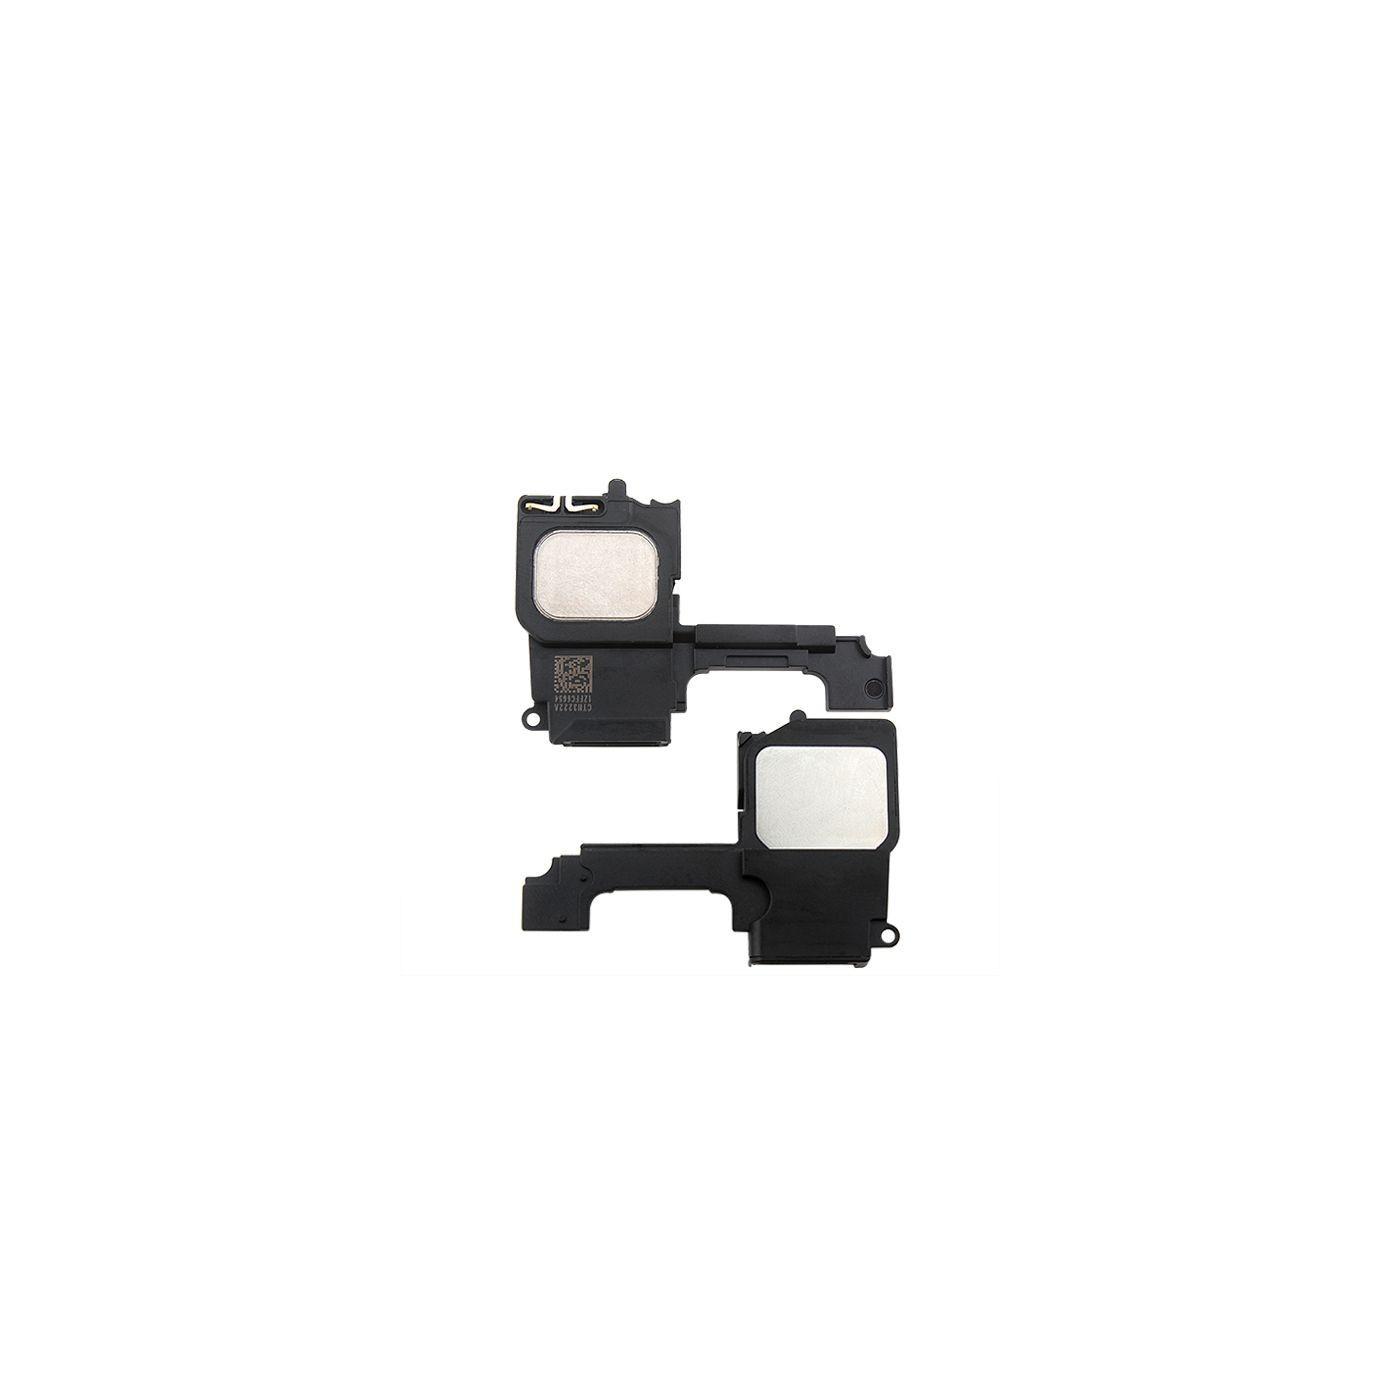 Haut-parleur buzzer remplacement bas cas de haut-parleur pour iphone 5c